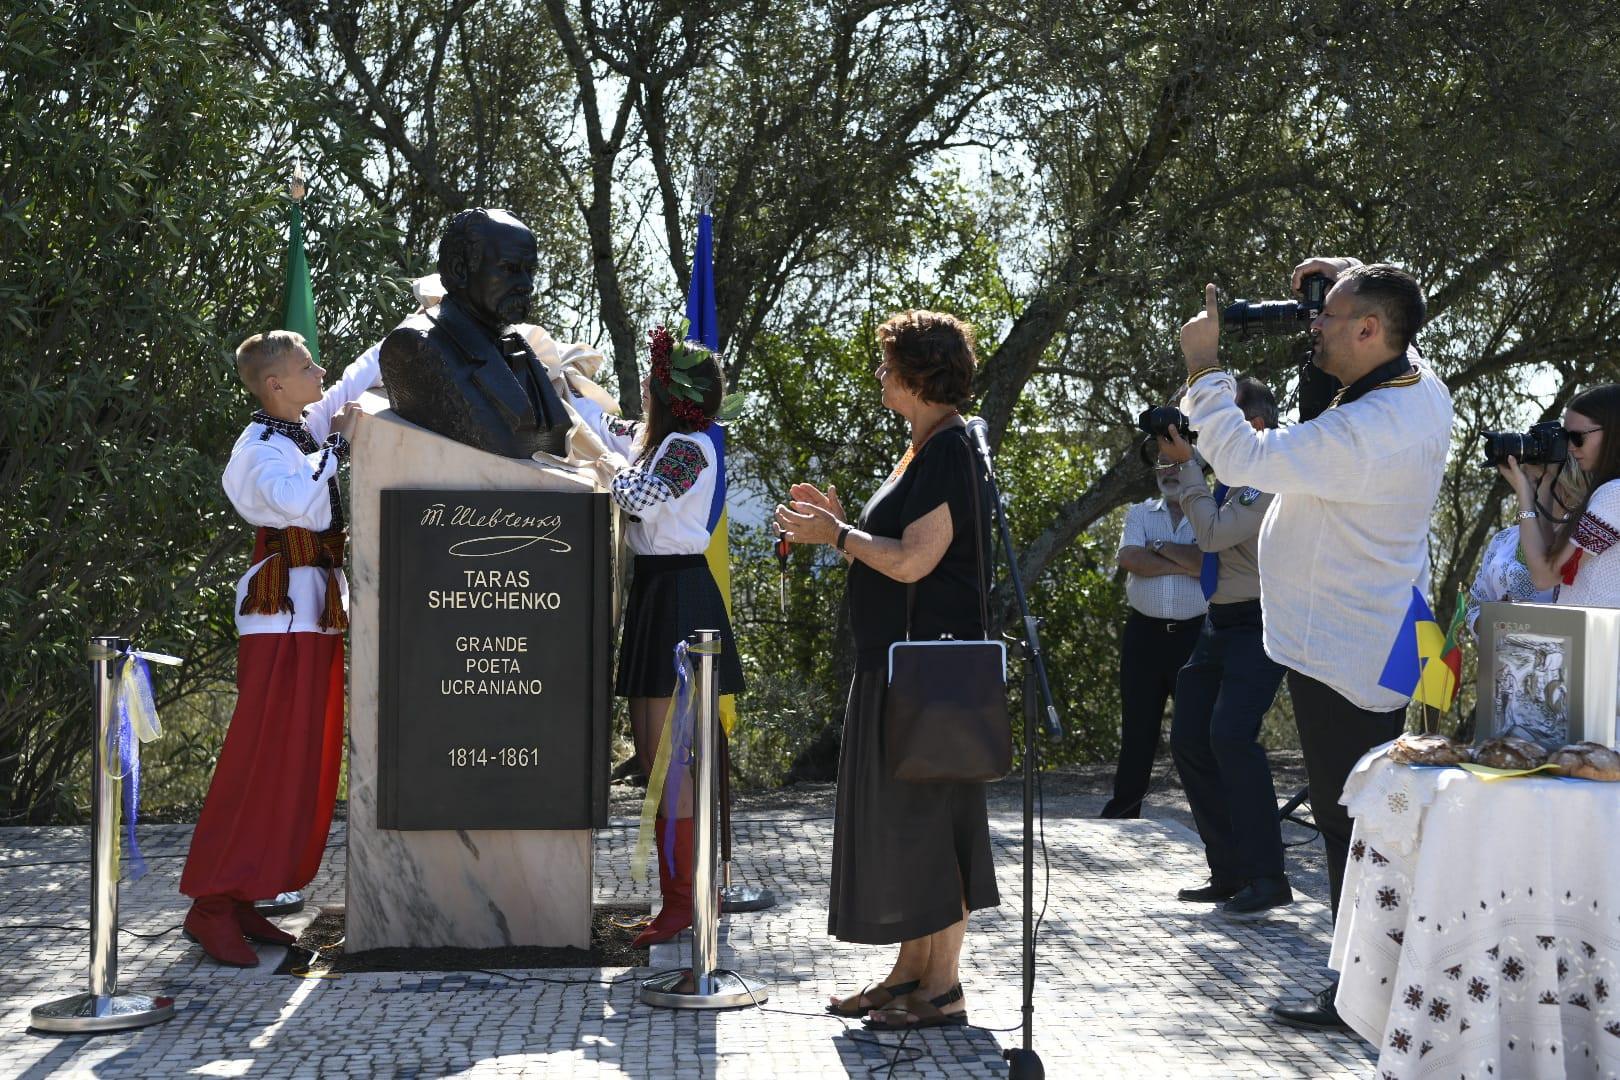 Poeta ucraniano homenageado em Lisboa - MUNICÍPIO